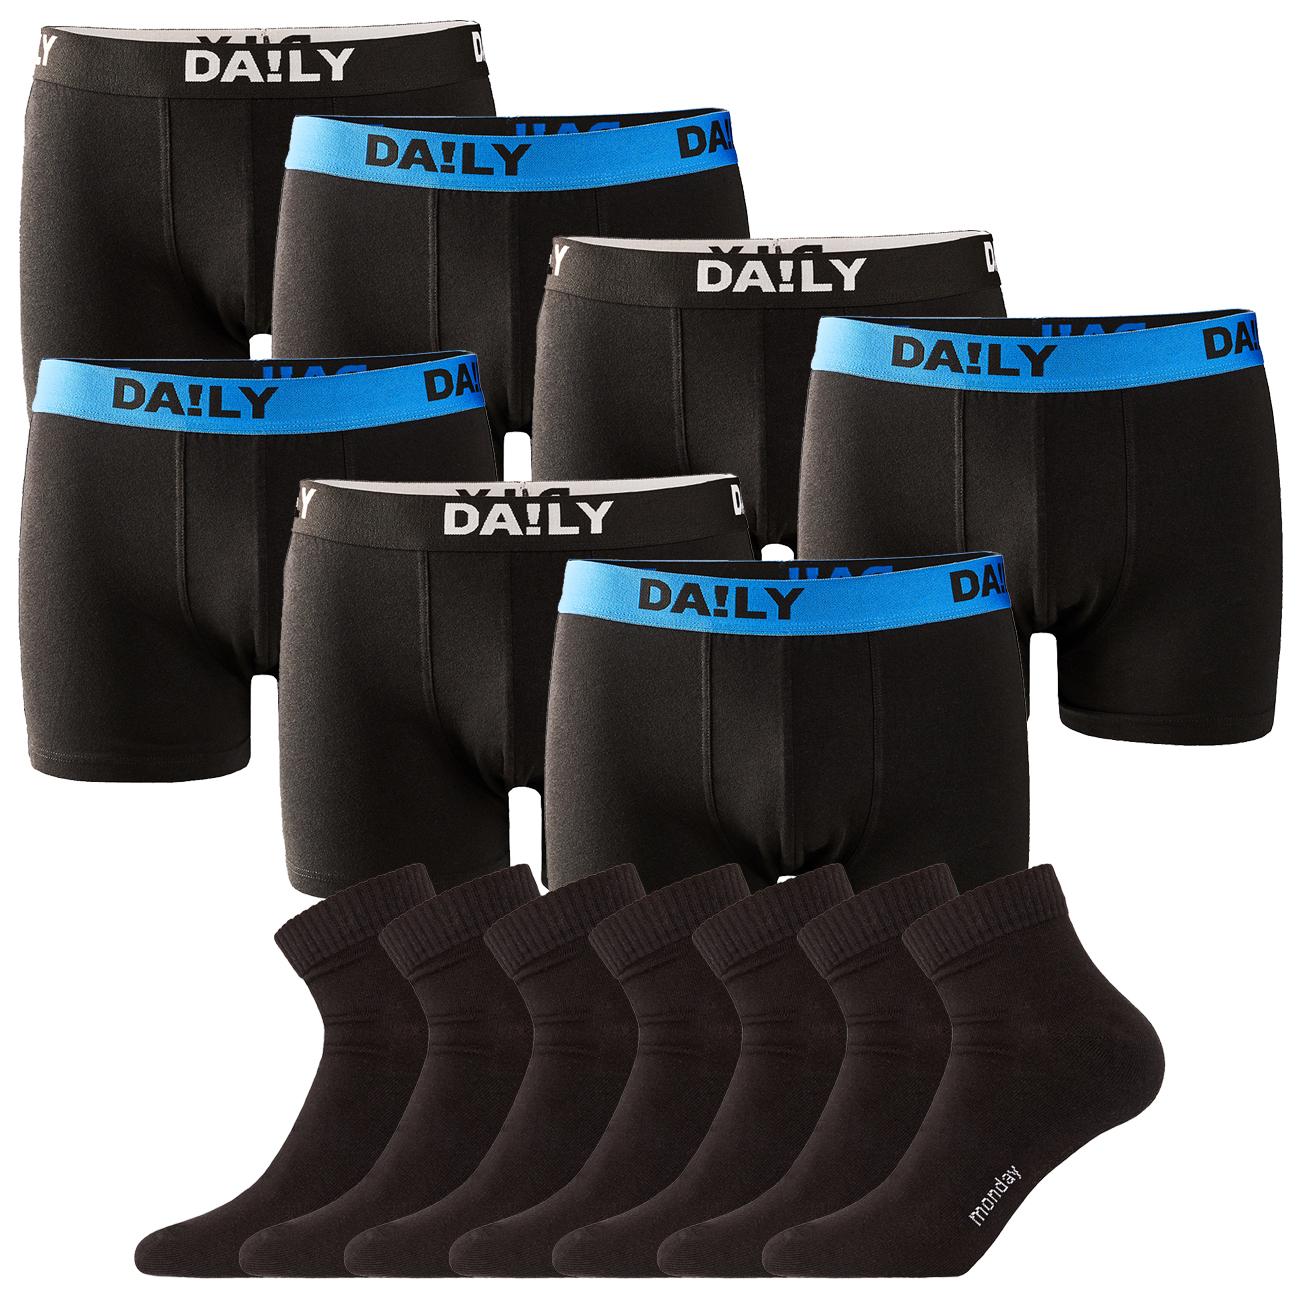 7 DA!LY UNDERWEAR Herren Boxershorts Basic Boxer (Gr. S - XXL) + 7 DAILYSOXX Herren Quarter Socken (Gr. 39 - 49) für 31,95€